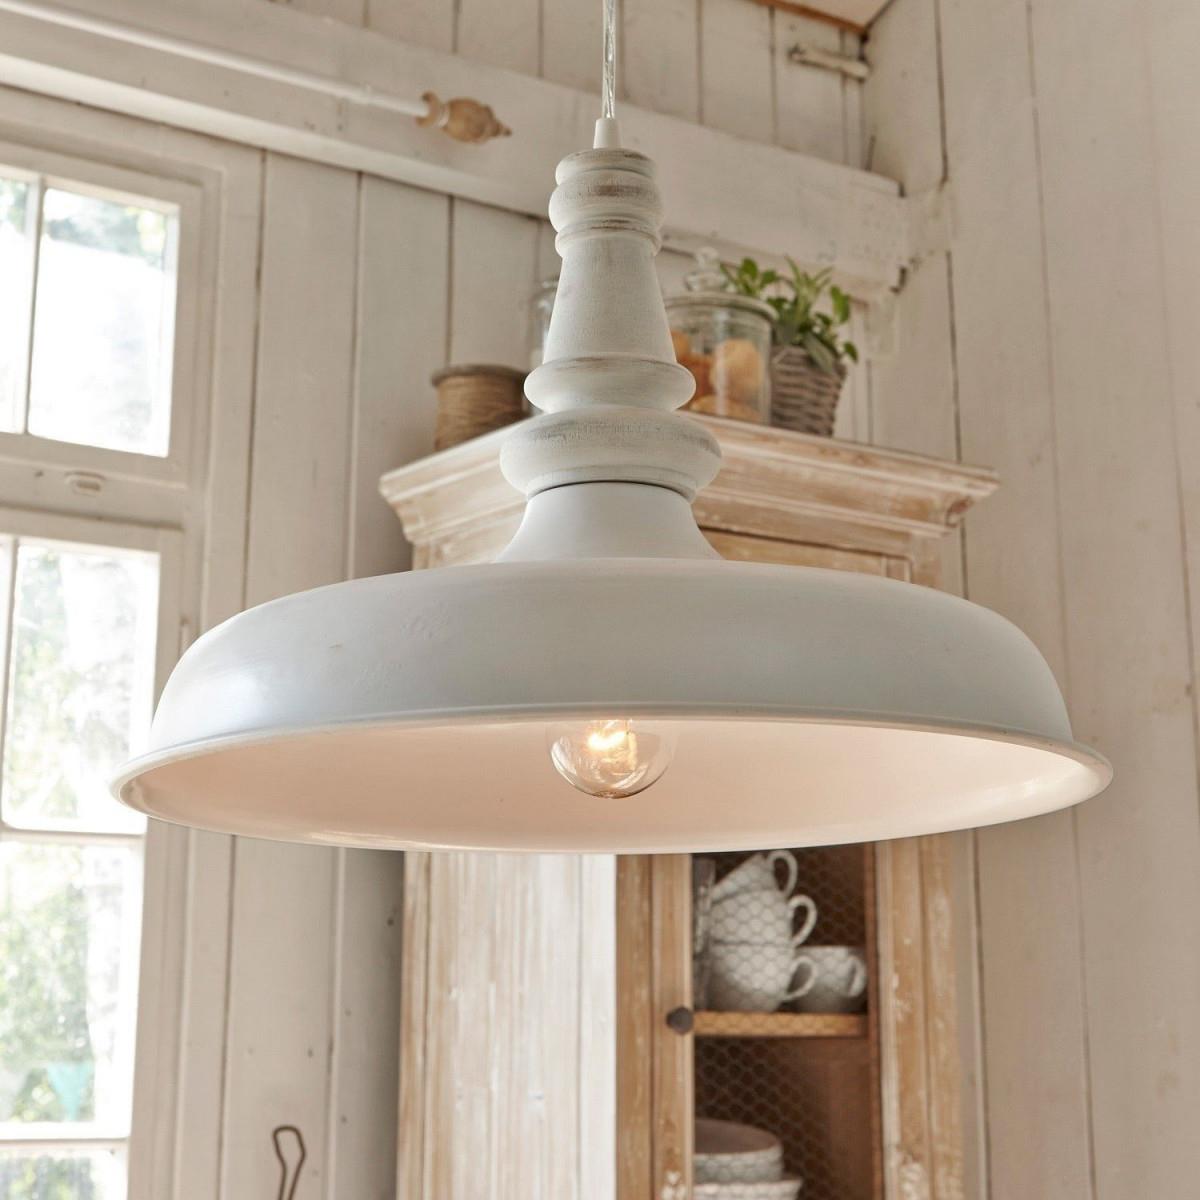 Hängelampe Camryn  Loberon  Lampen Landhausstil Lampe von Wohnzimmer Lampe Landhausstil Photo